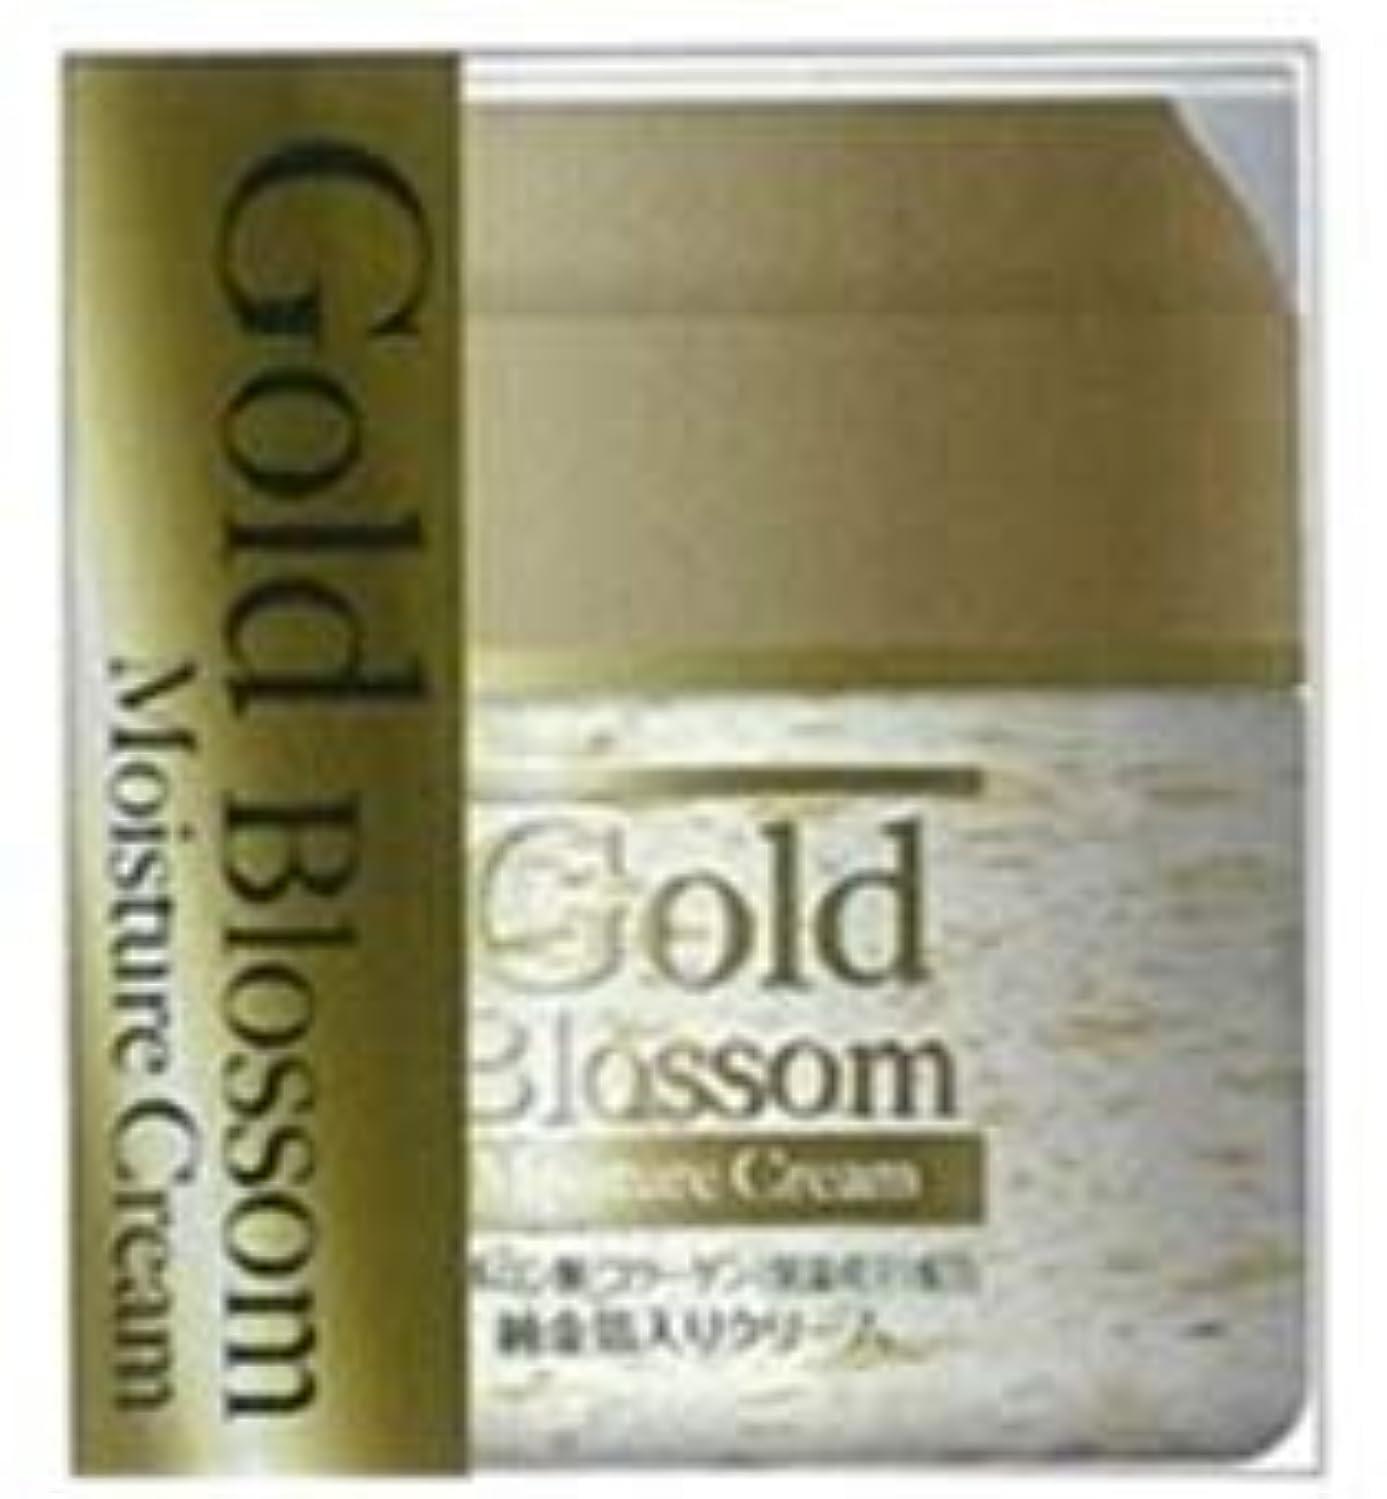 三角ねじれ添加Gold Blossom 保湿クリーム